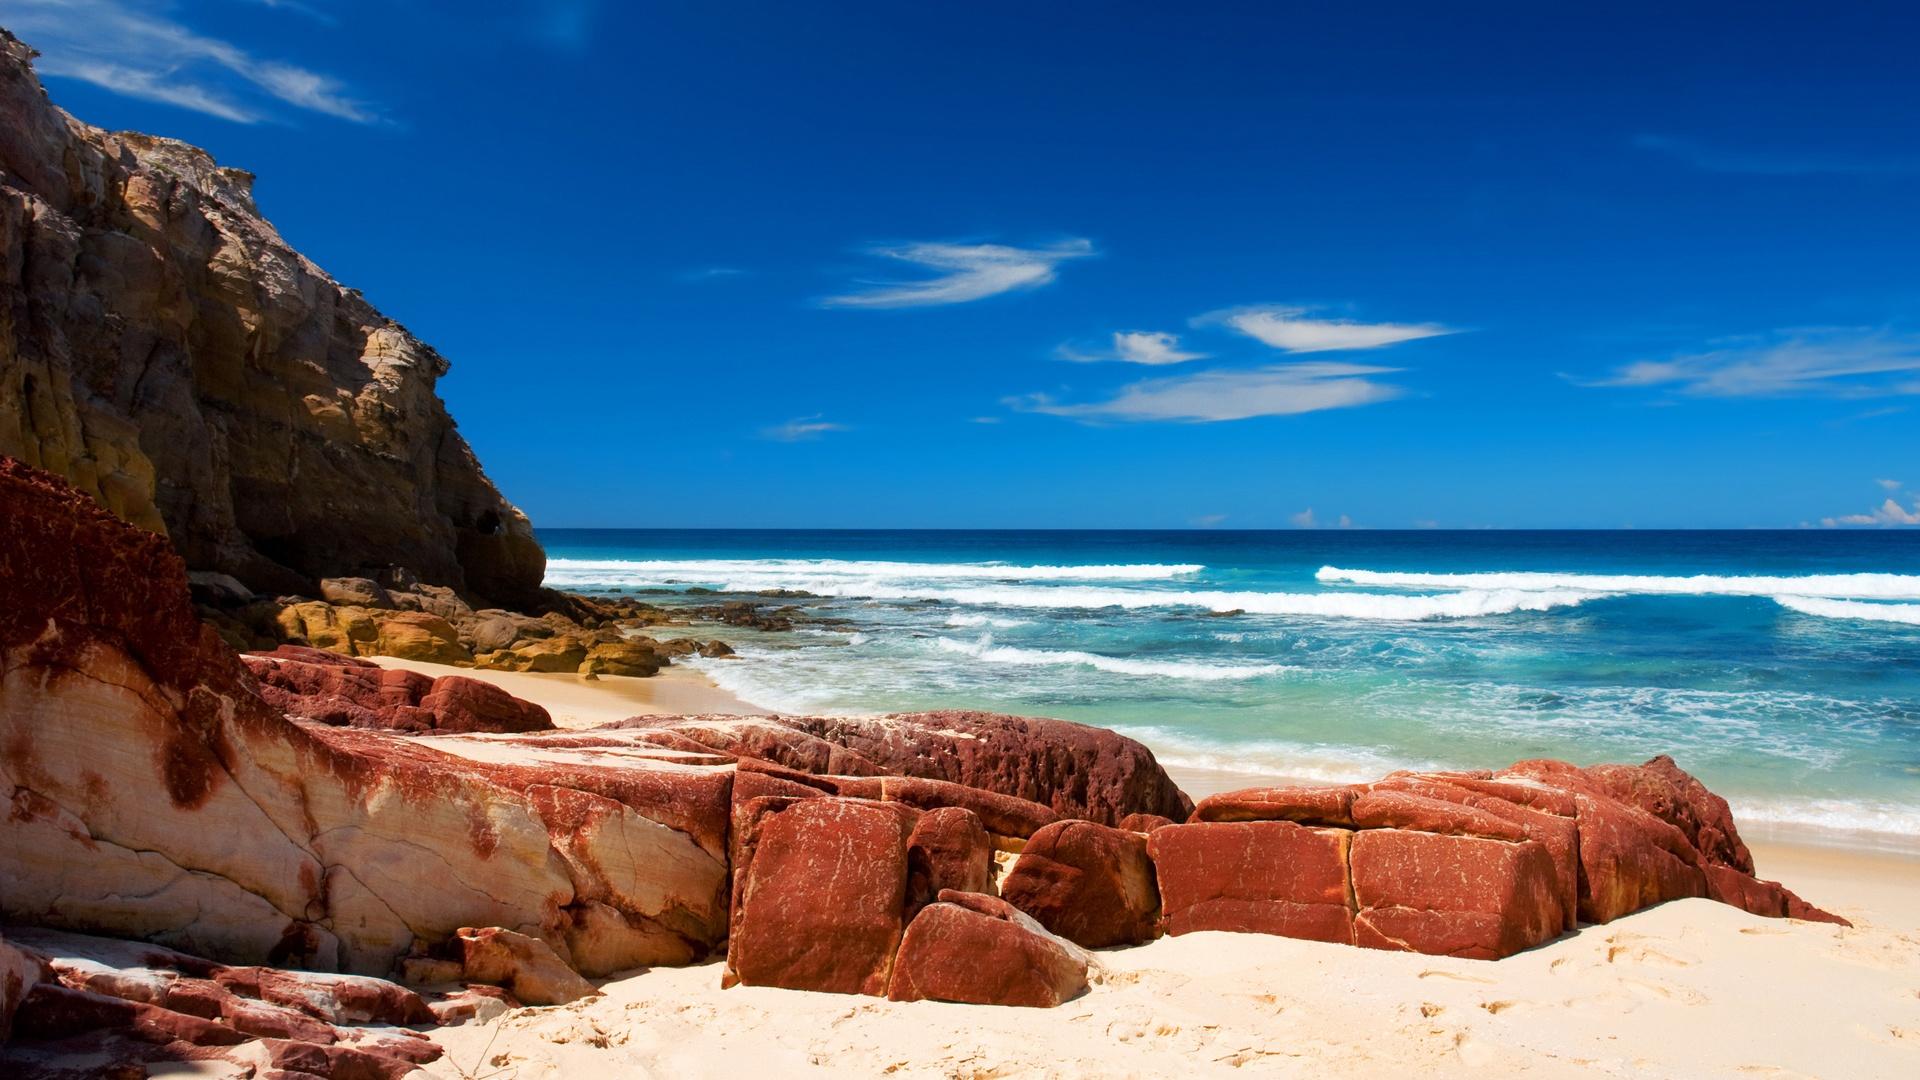 природа берег море камни nature shore sea stones на телефон